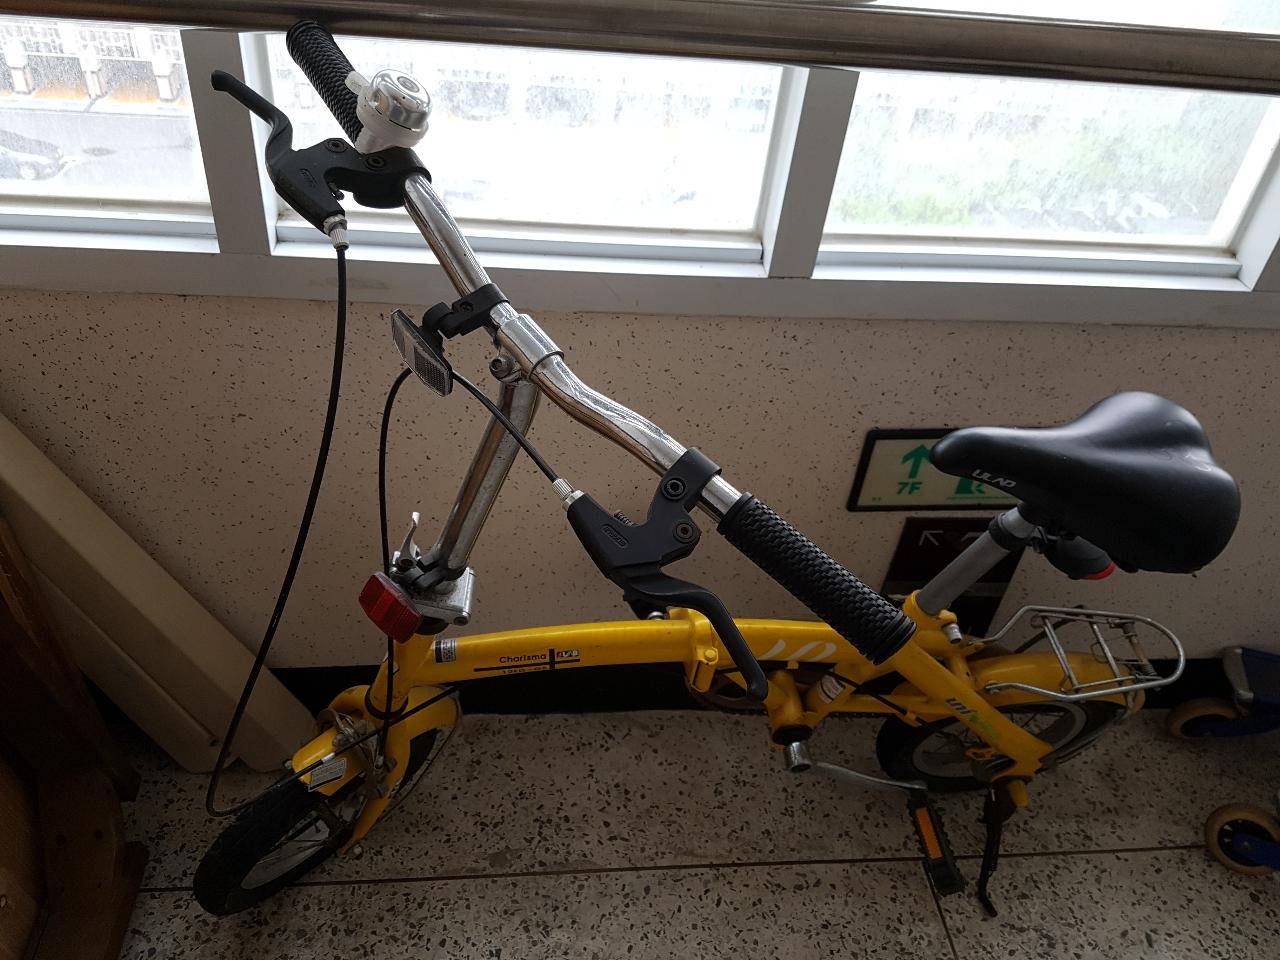 두발미니자전거 판매 해요~